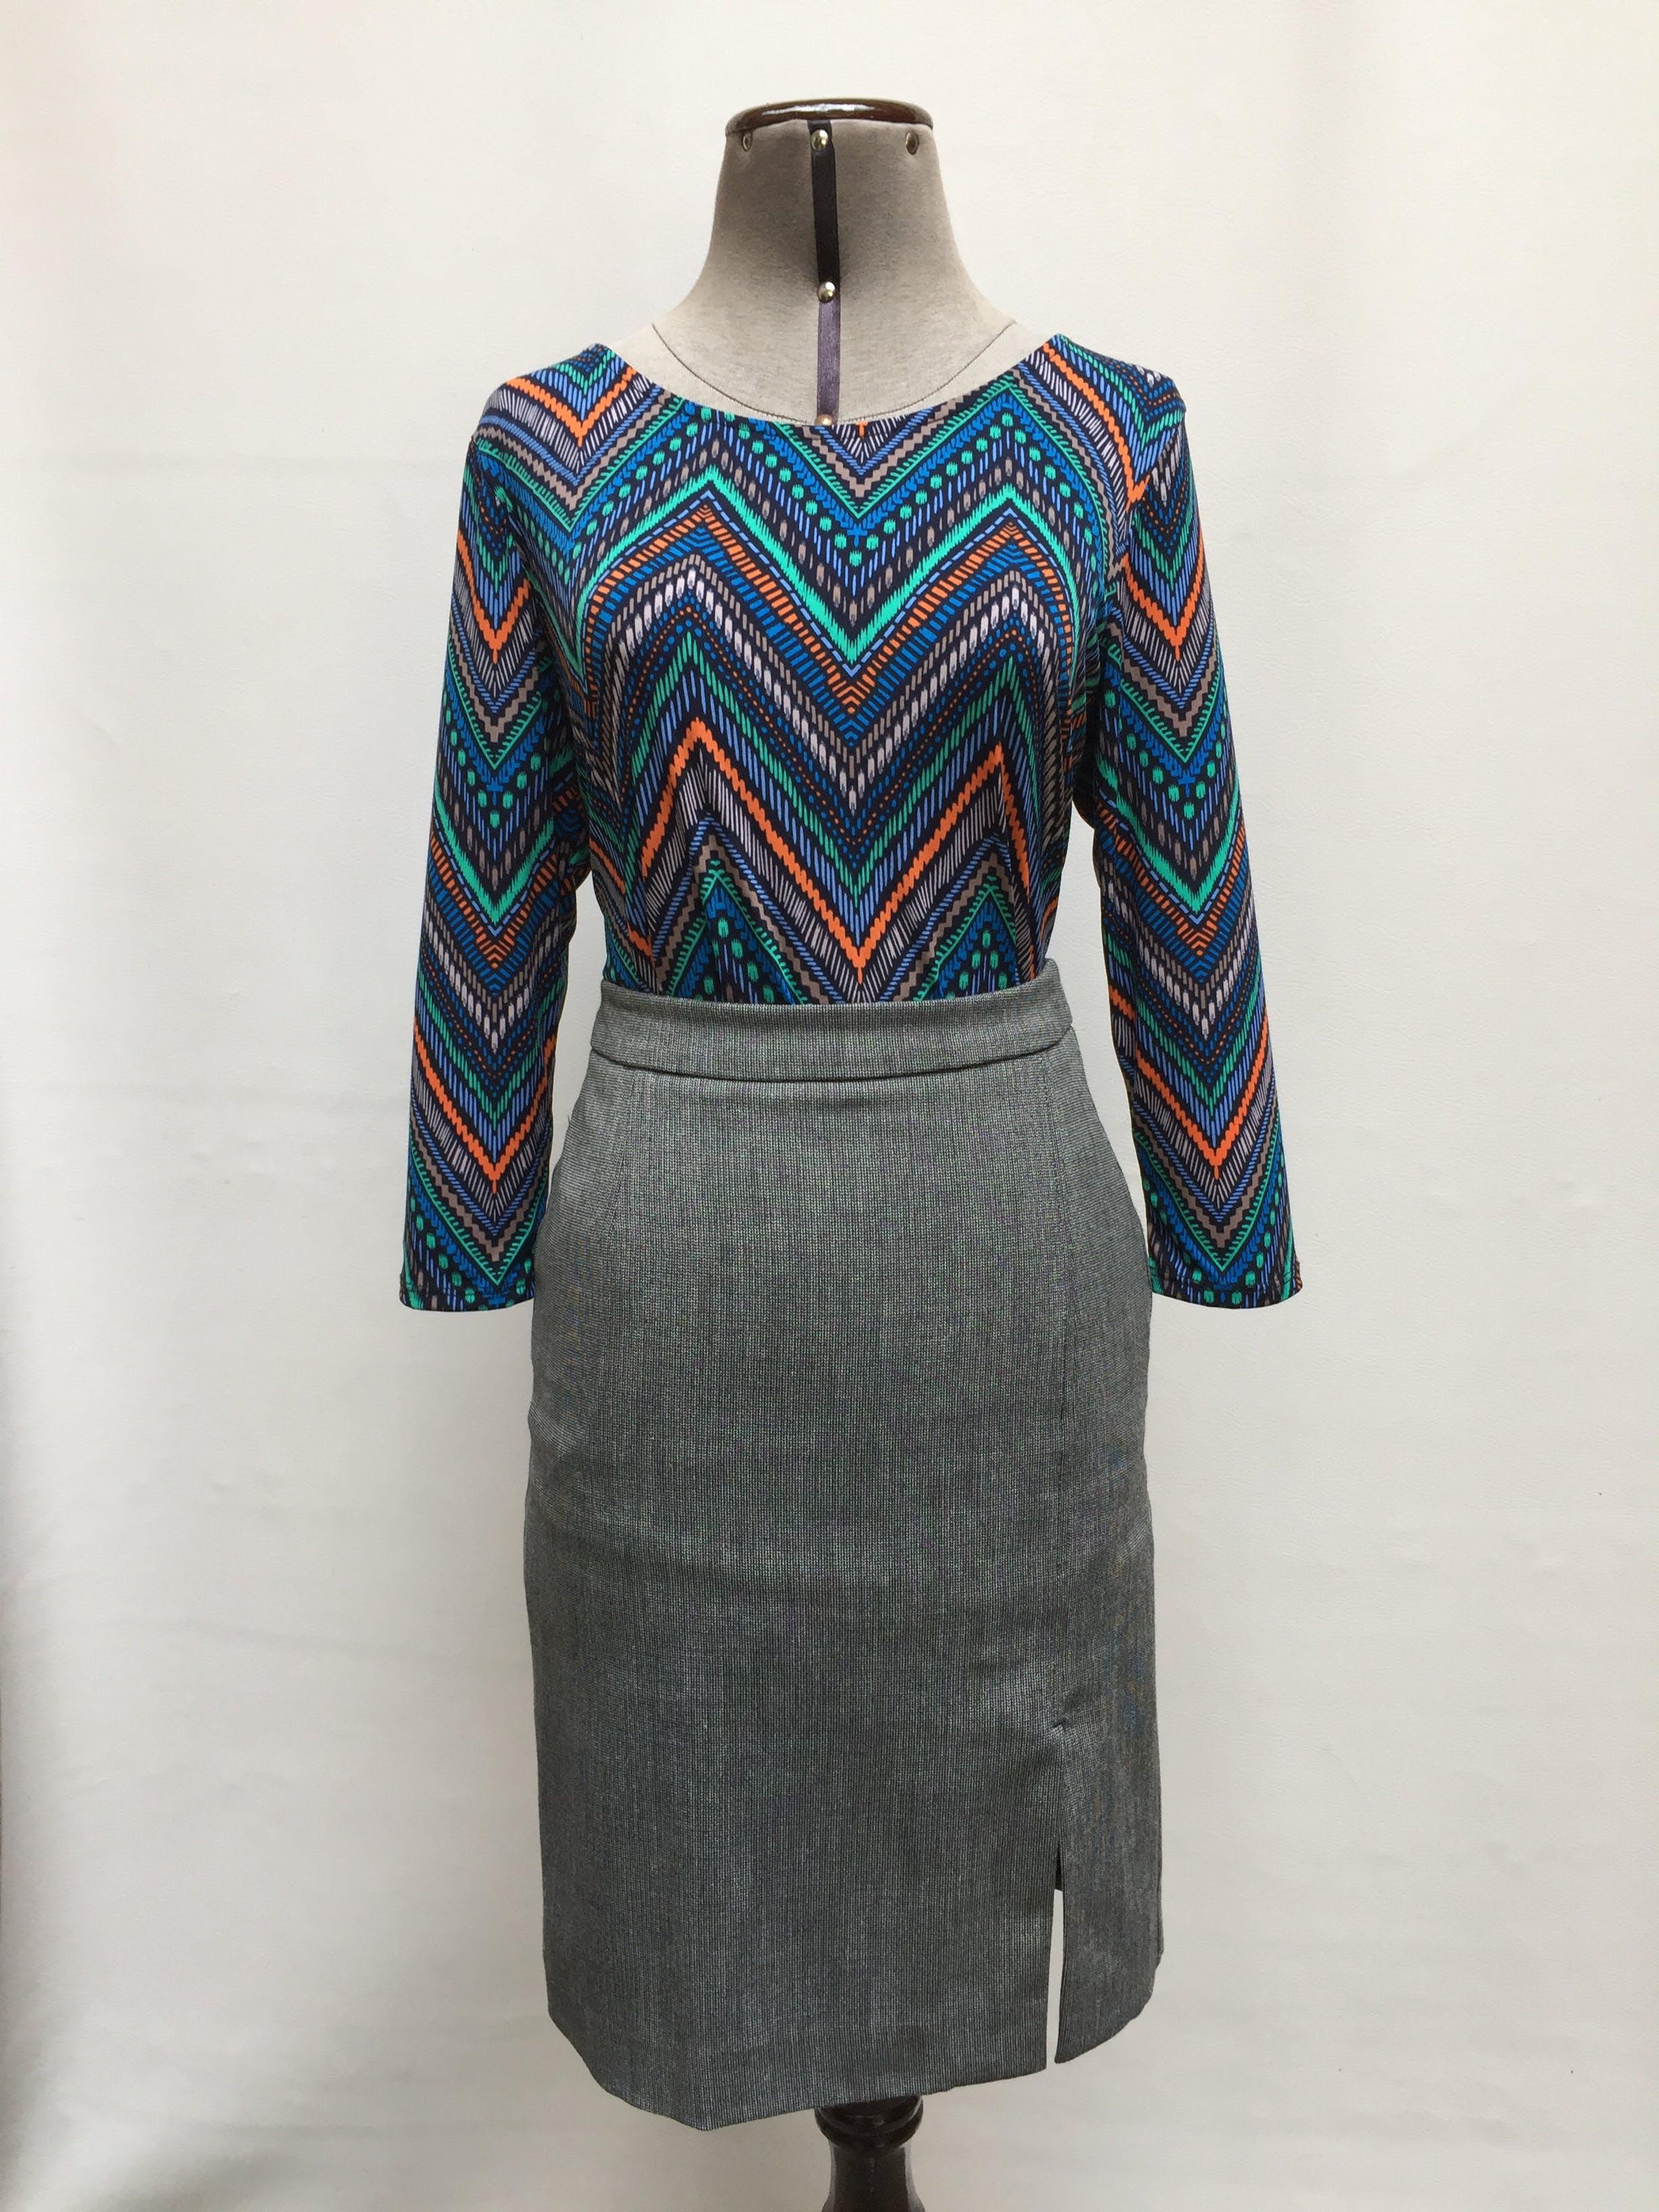 Blusa azul con estampado tribal de colores, tela tipo lycra, manga 3/4, detalle de botones en la espalda Talla M (S en etiqueta)